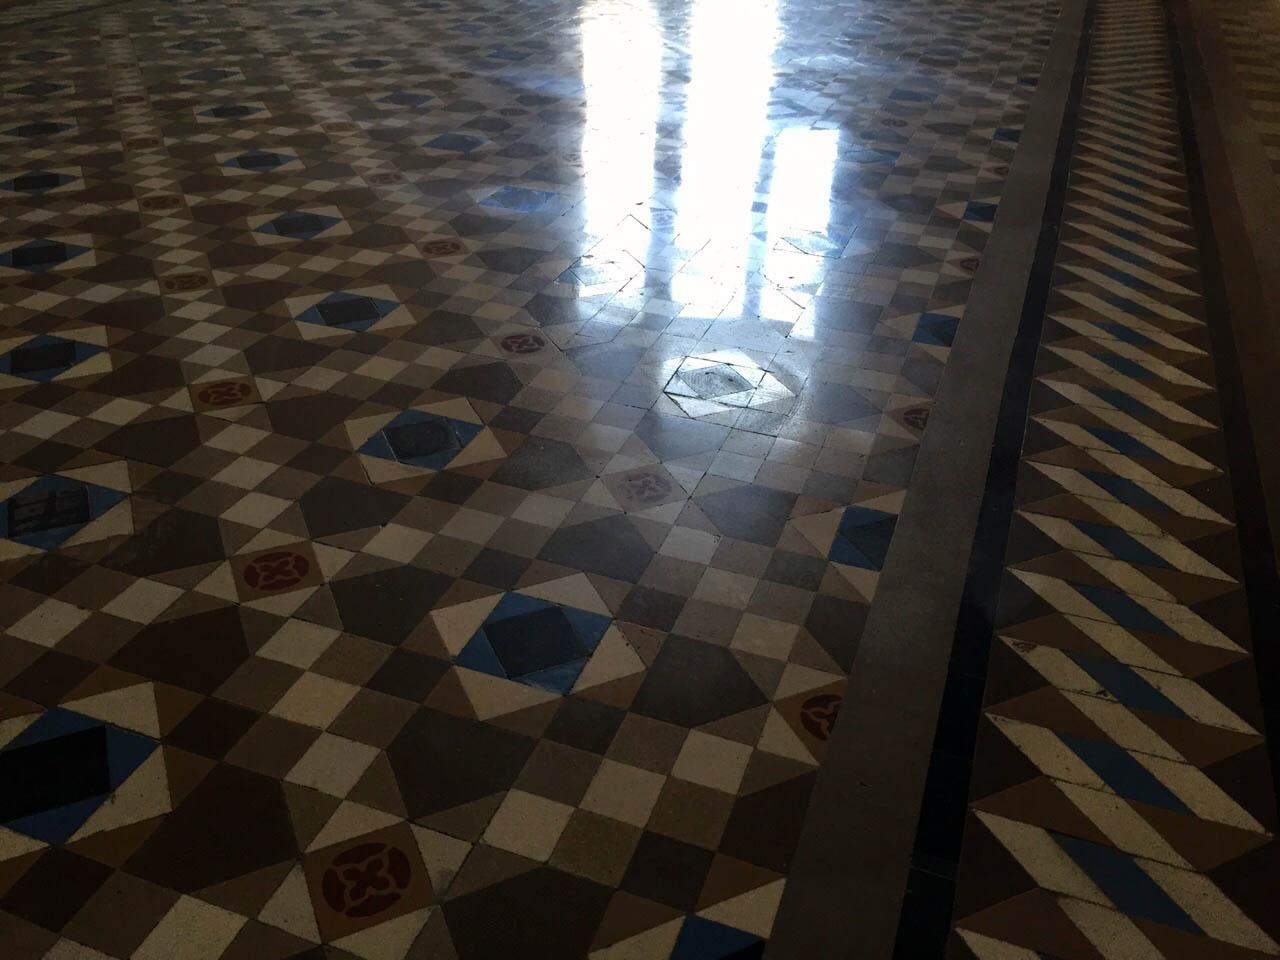 Pulido y abrillantado de suelos de mosaico nolla en piso de Barcelona